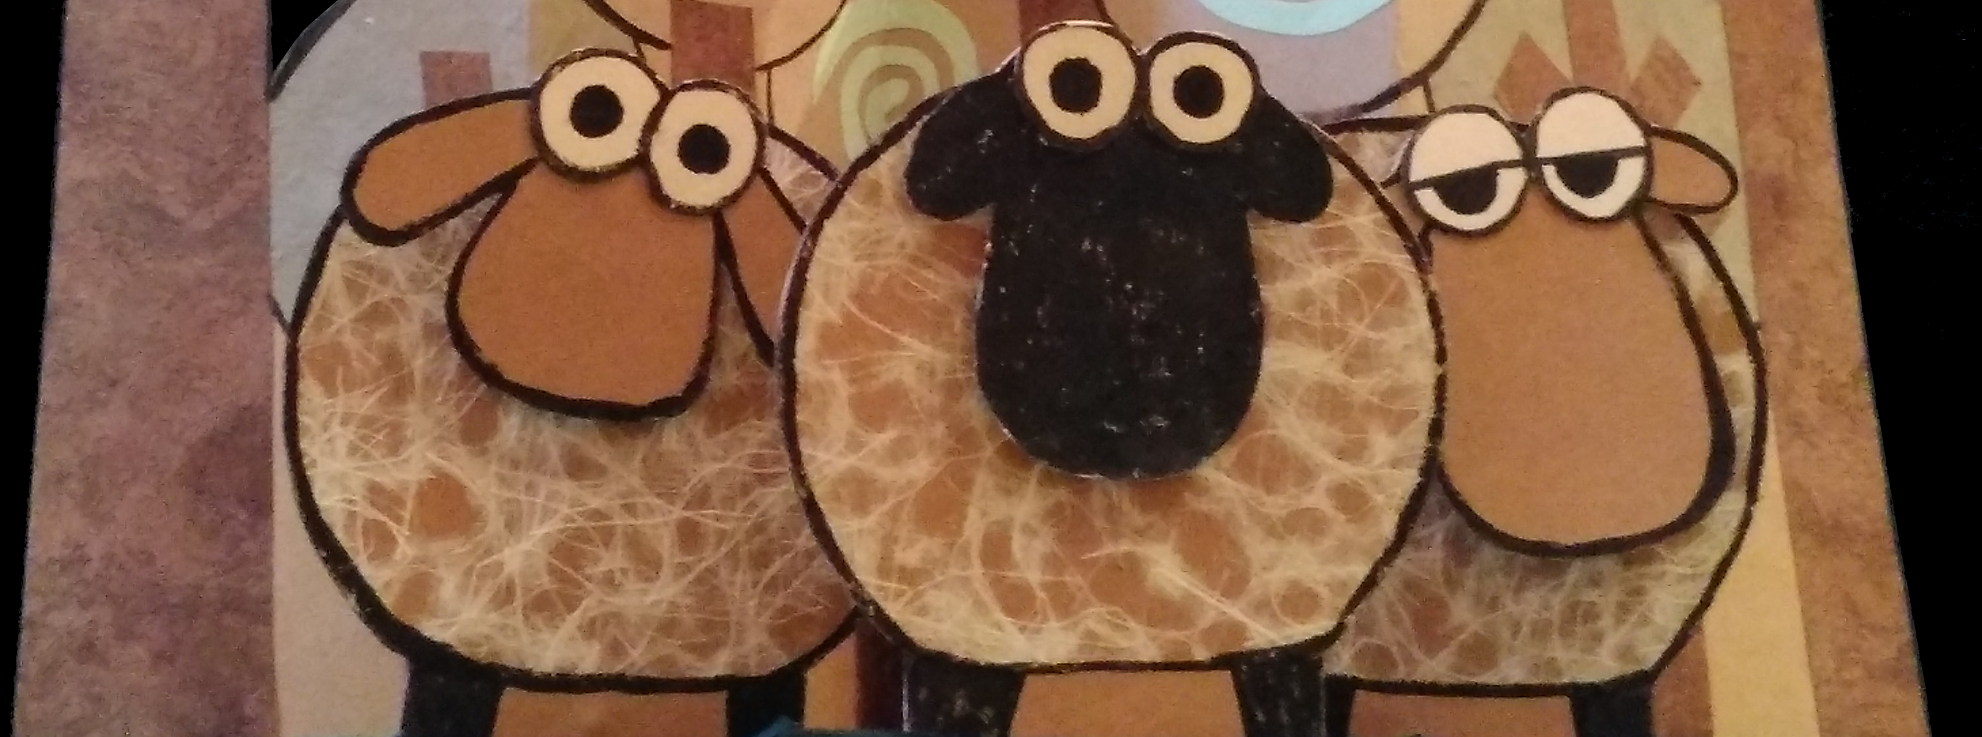 BEE! (El rebaño) - Hilando Títeres Espectáculo de títeres